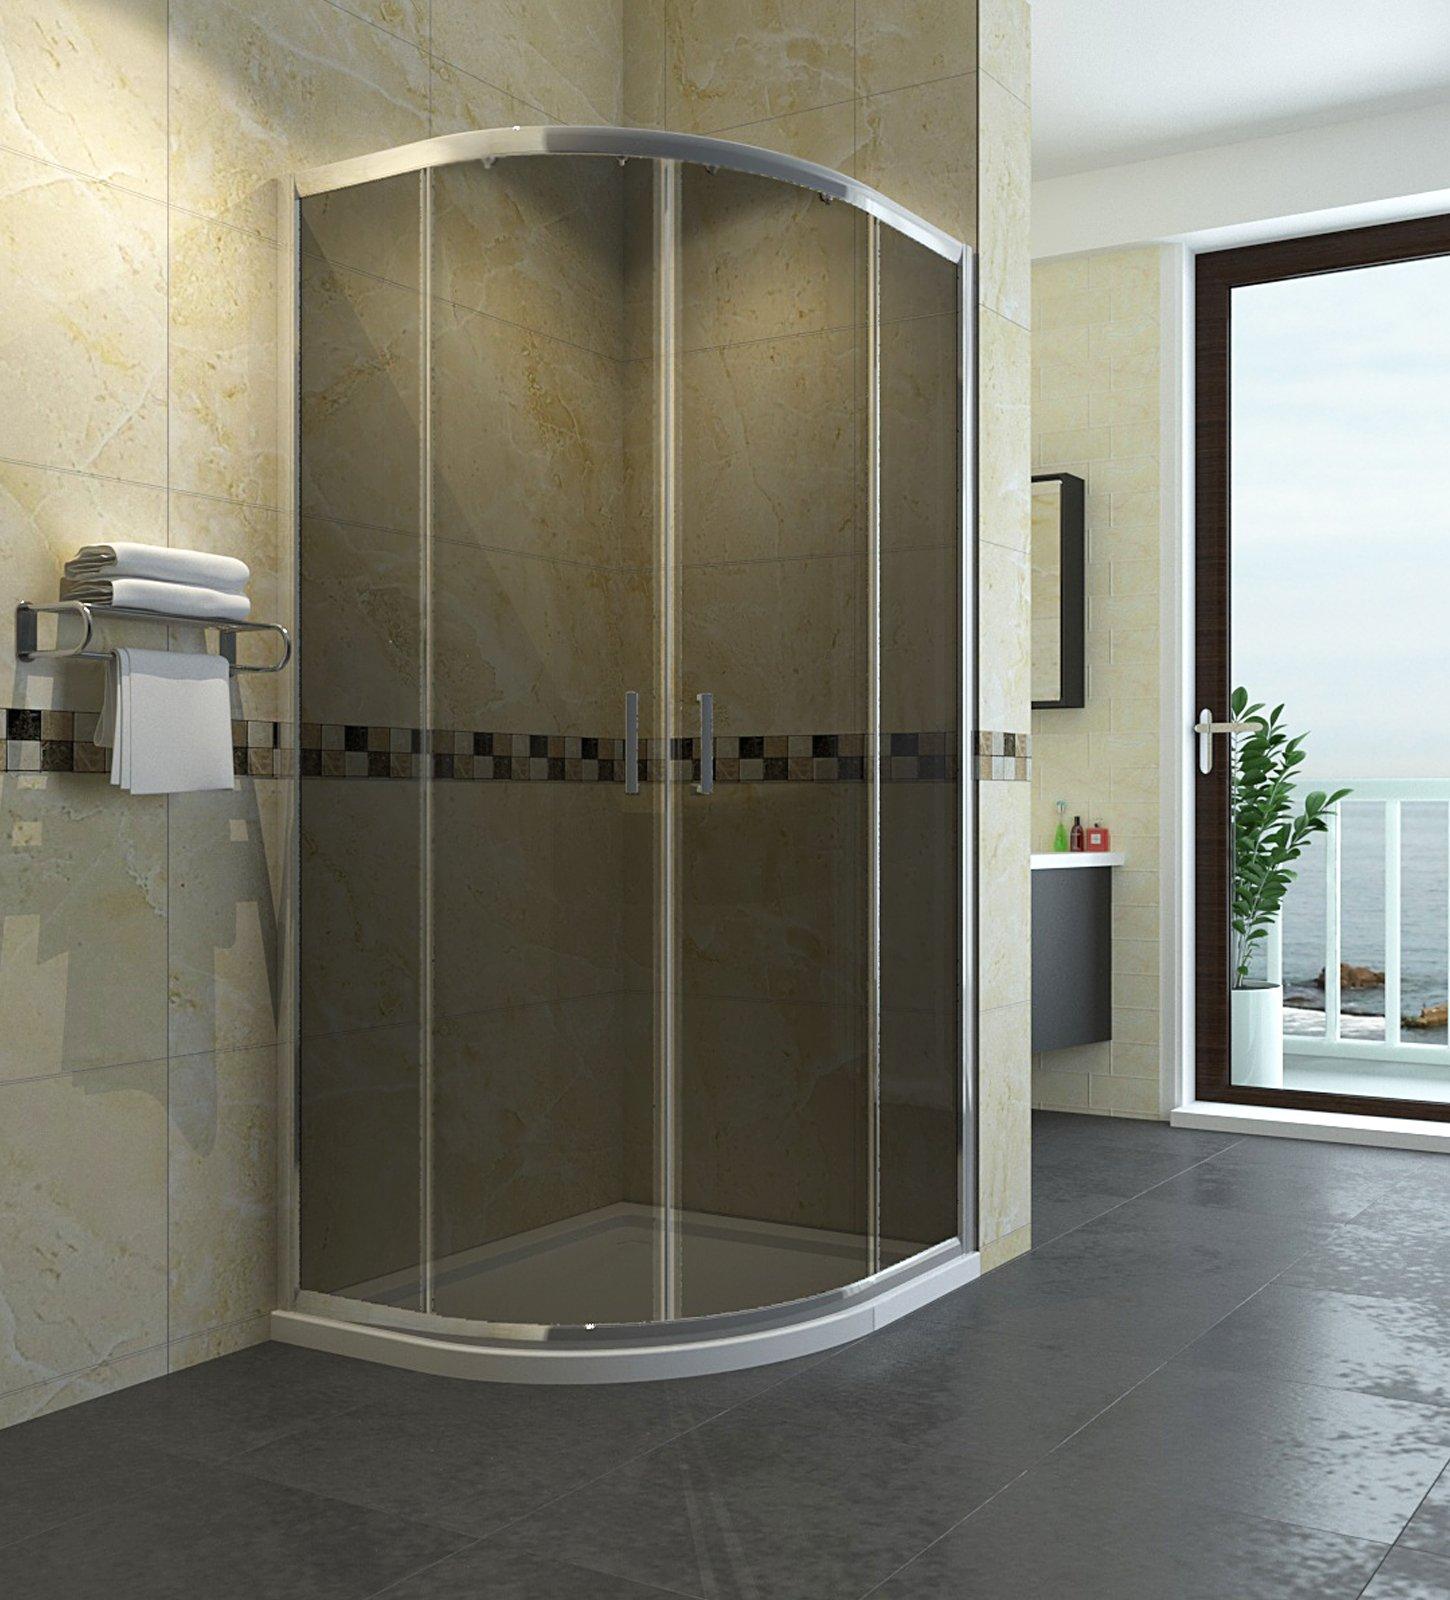 Cabina de ducha Cuarto circular (80 x 80 cm, mampara de ducha puerta sin plato de ducha redonda ducha puerta corredera ducha ducha pared Altura 185 cm Gris: Amazon.es: Bricolaje y herramientas